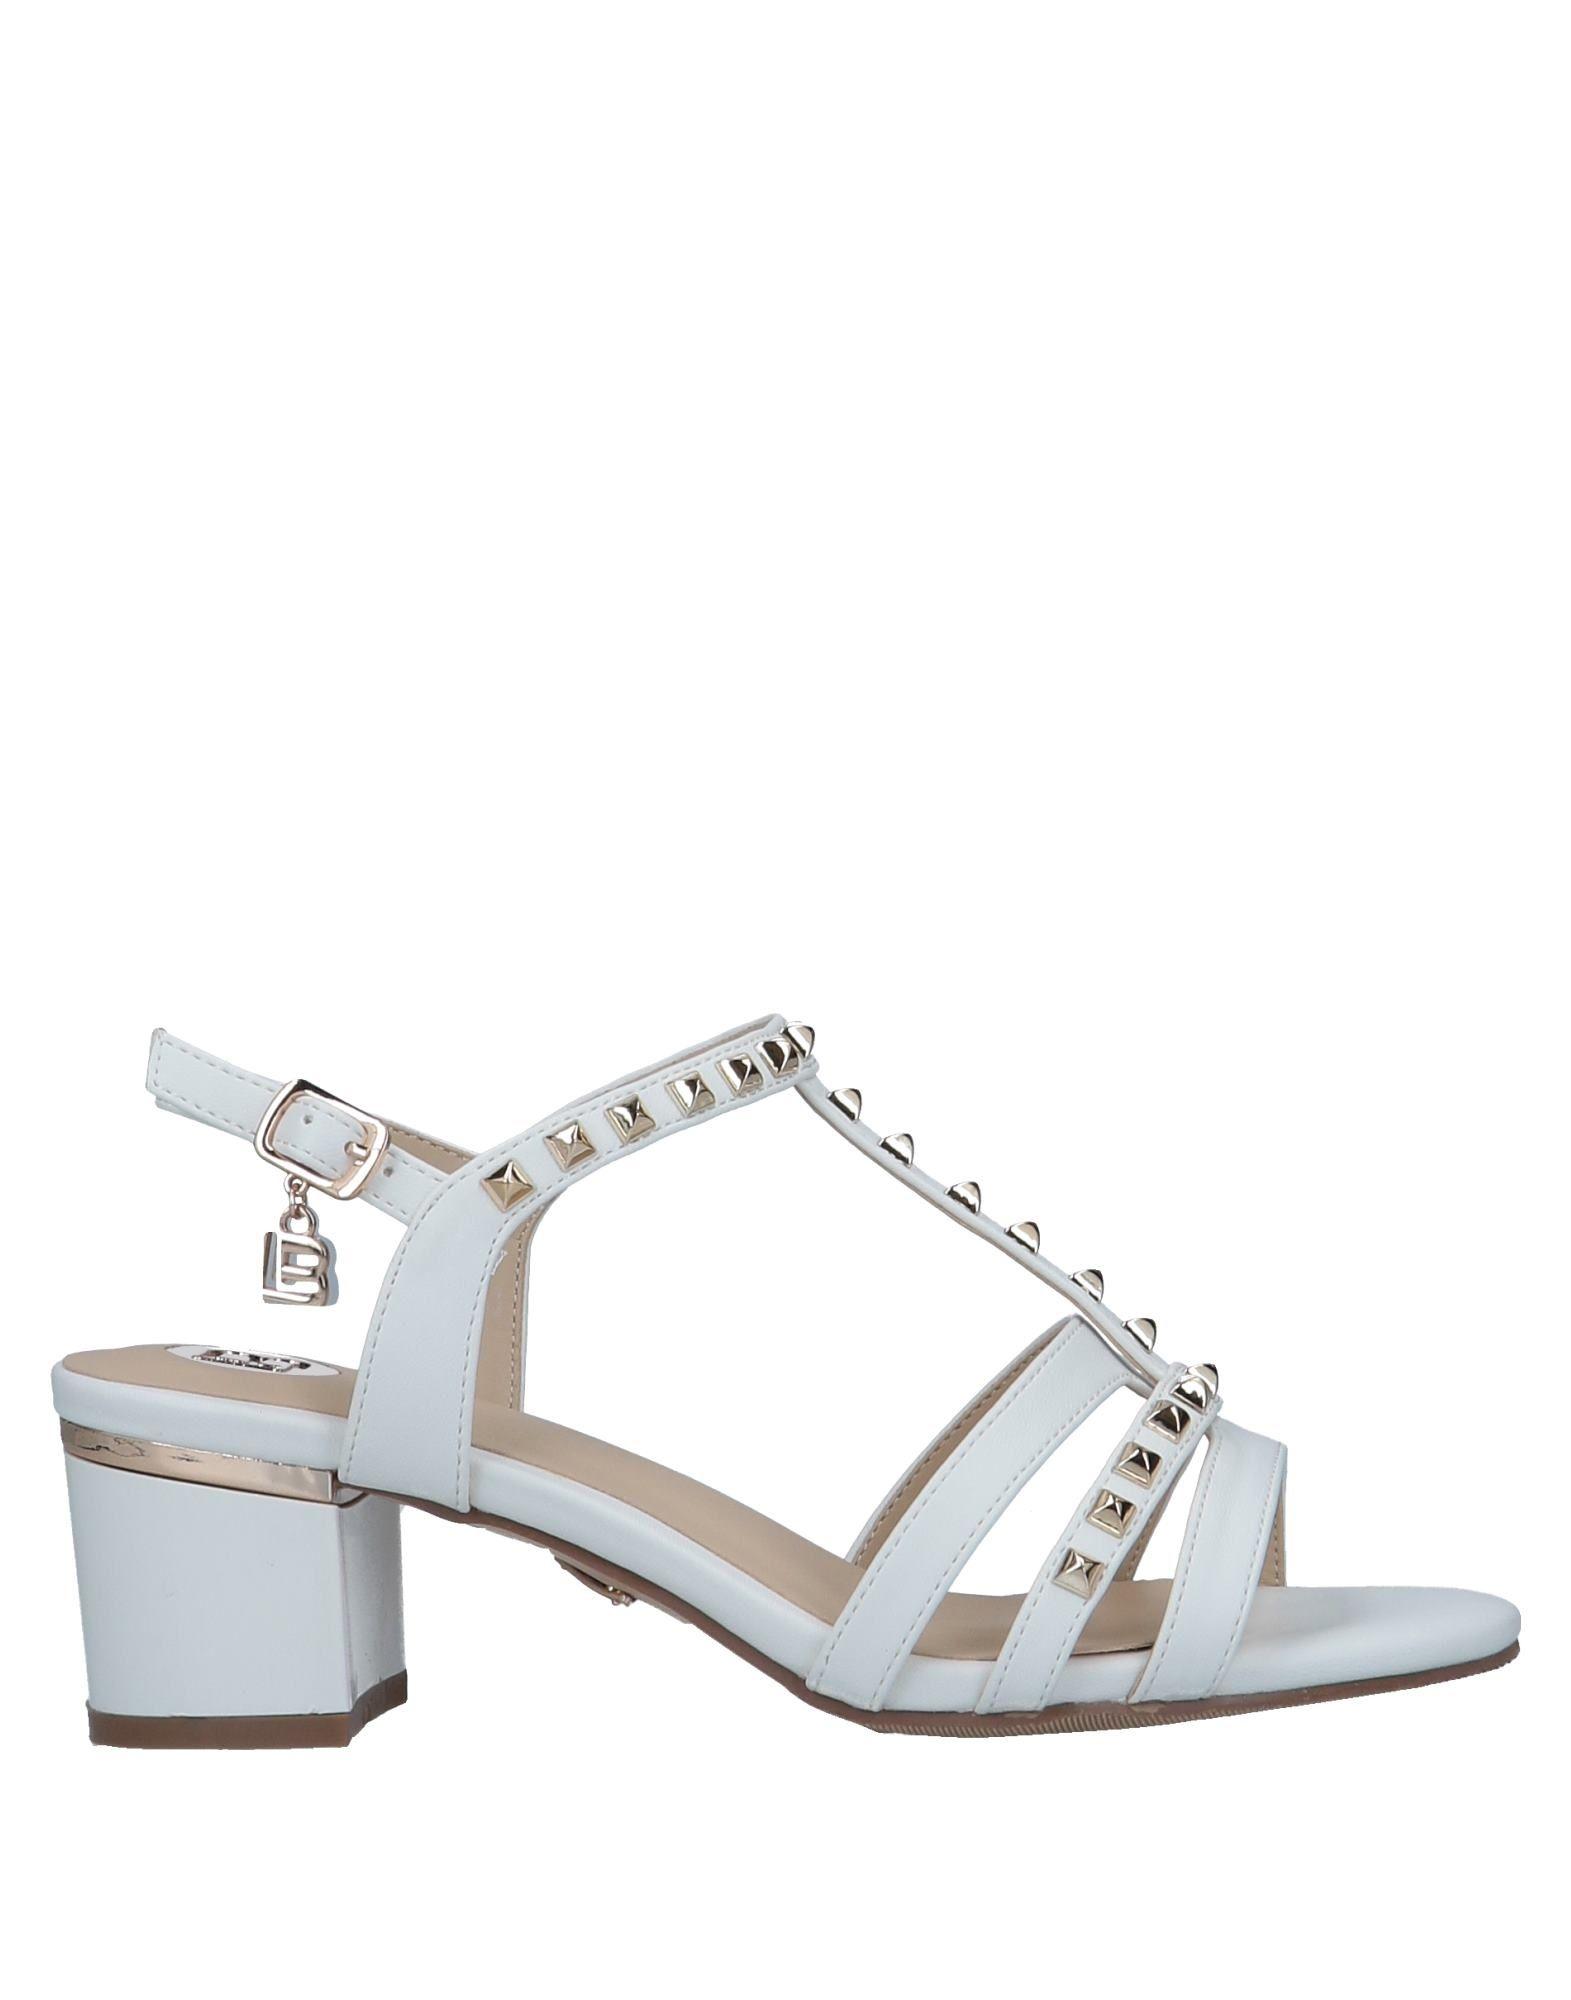 Laura Biagiotti Sandals - Women Laura  Biagiotti Sandals online on  Laura Australia - 11566508TA 59a2d8